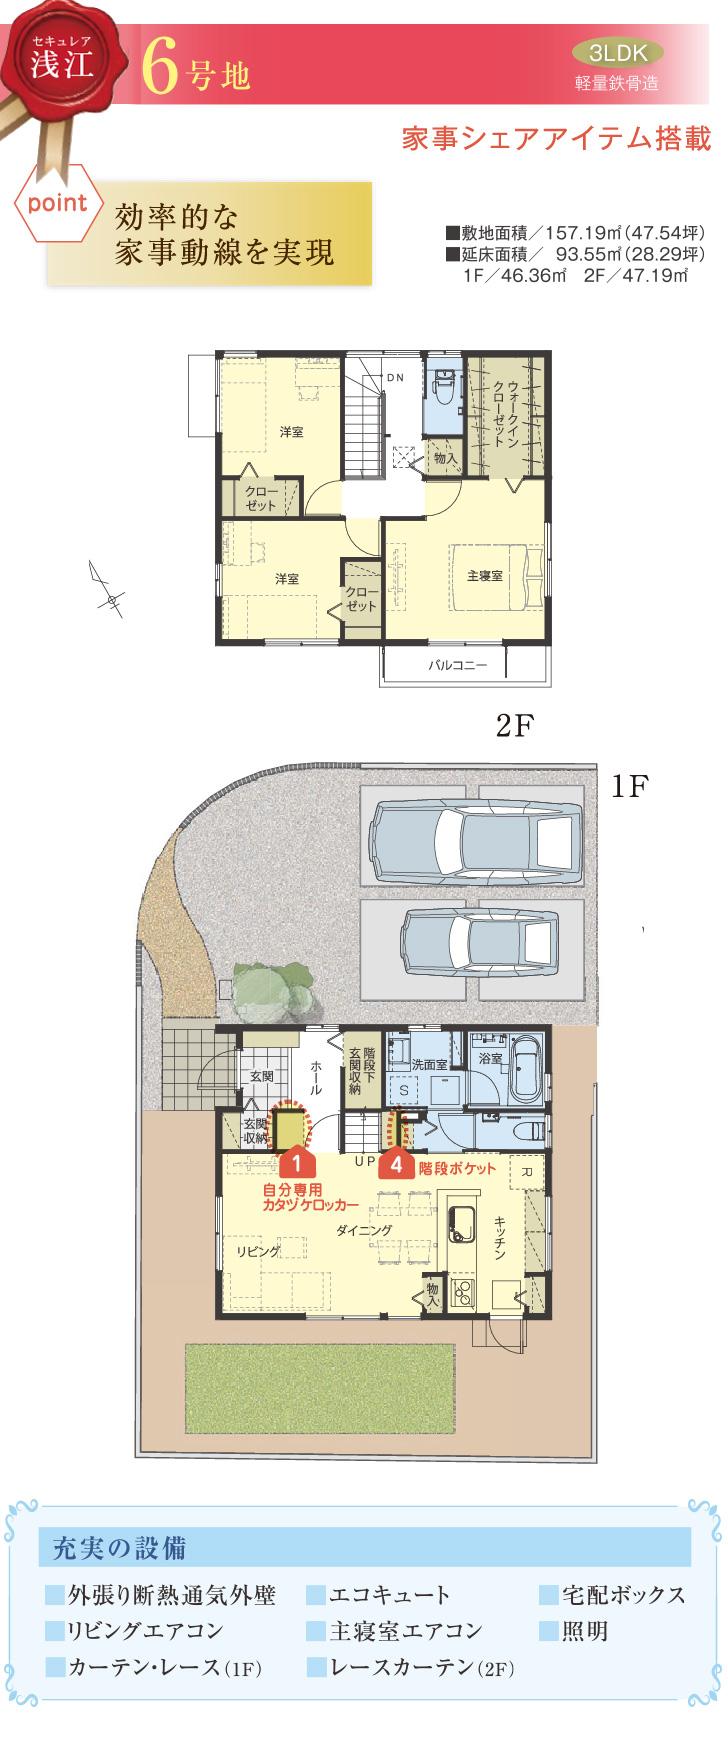 【ダイワハウス】セキュレア浅江 (分譲住宅)の画像